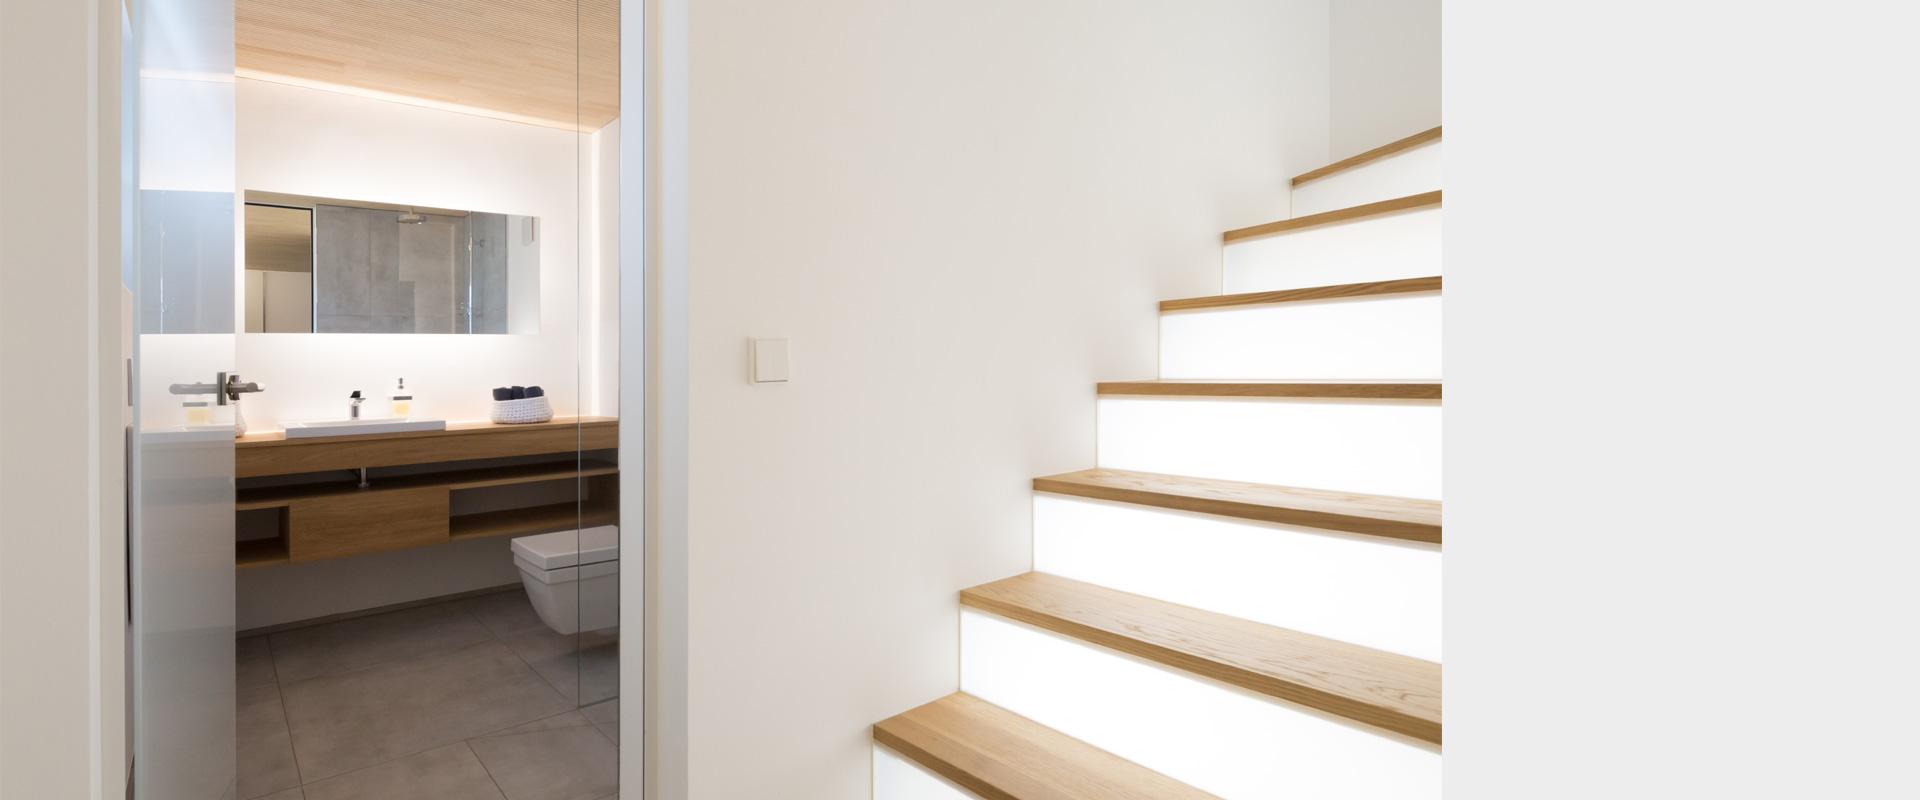 Architekturbüro musahl Waldshut Wohnhaus S. in Oberweschnegg Gästebad